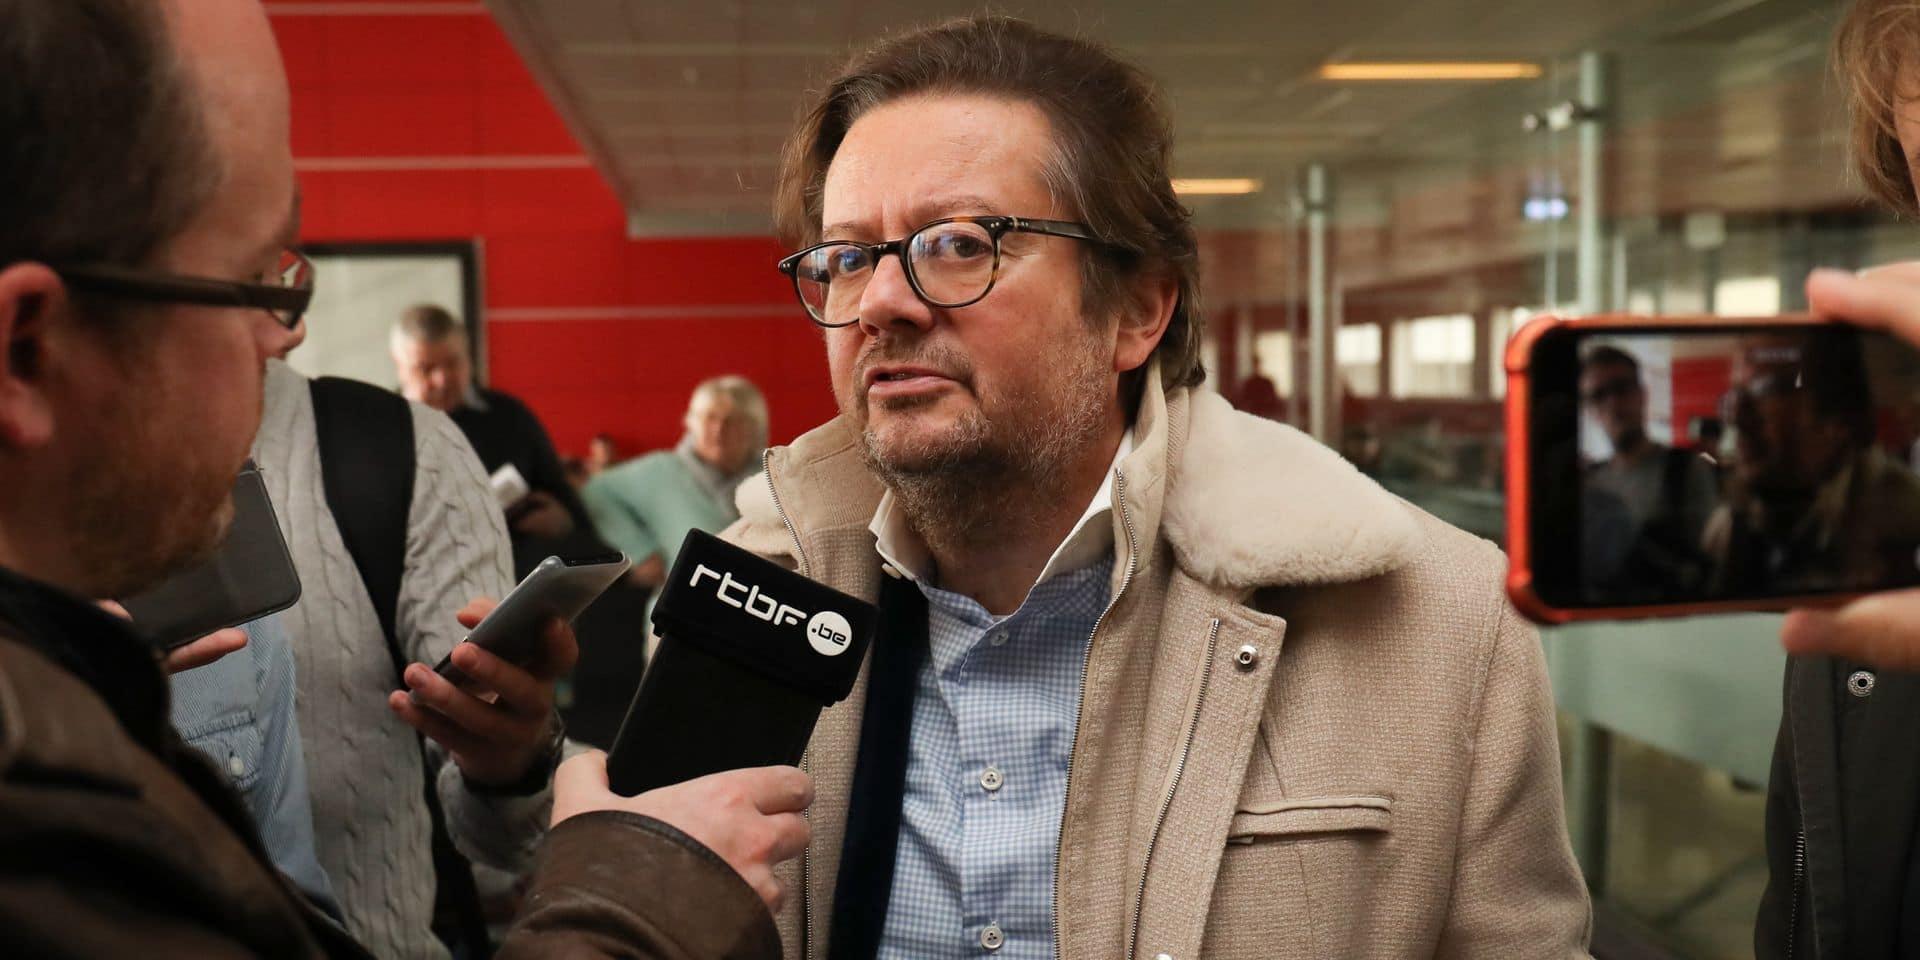 RSCA: Vanden Stock absent de la réunion des anciens actionnaires, le bras droit de Coucke démissionne